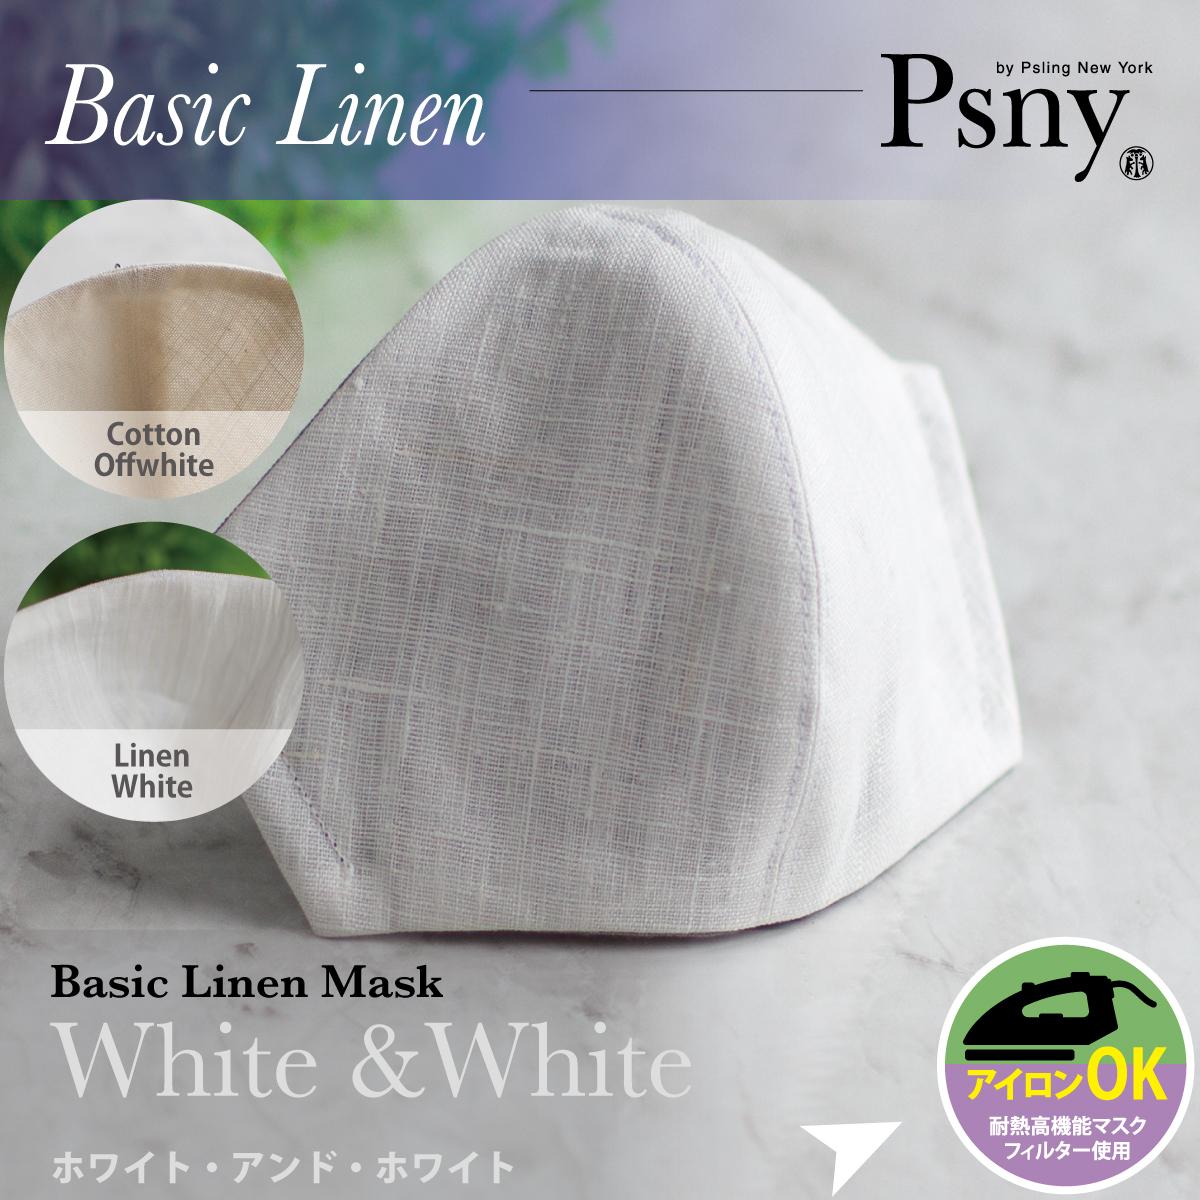 PSNY ベーシックリネン・ホワイト(&ホワイト) 花粉 黄砂 洗えるフィルター入り 立体 マスク 大人用 送料無料